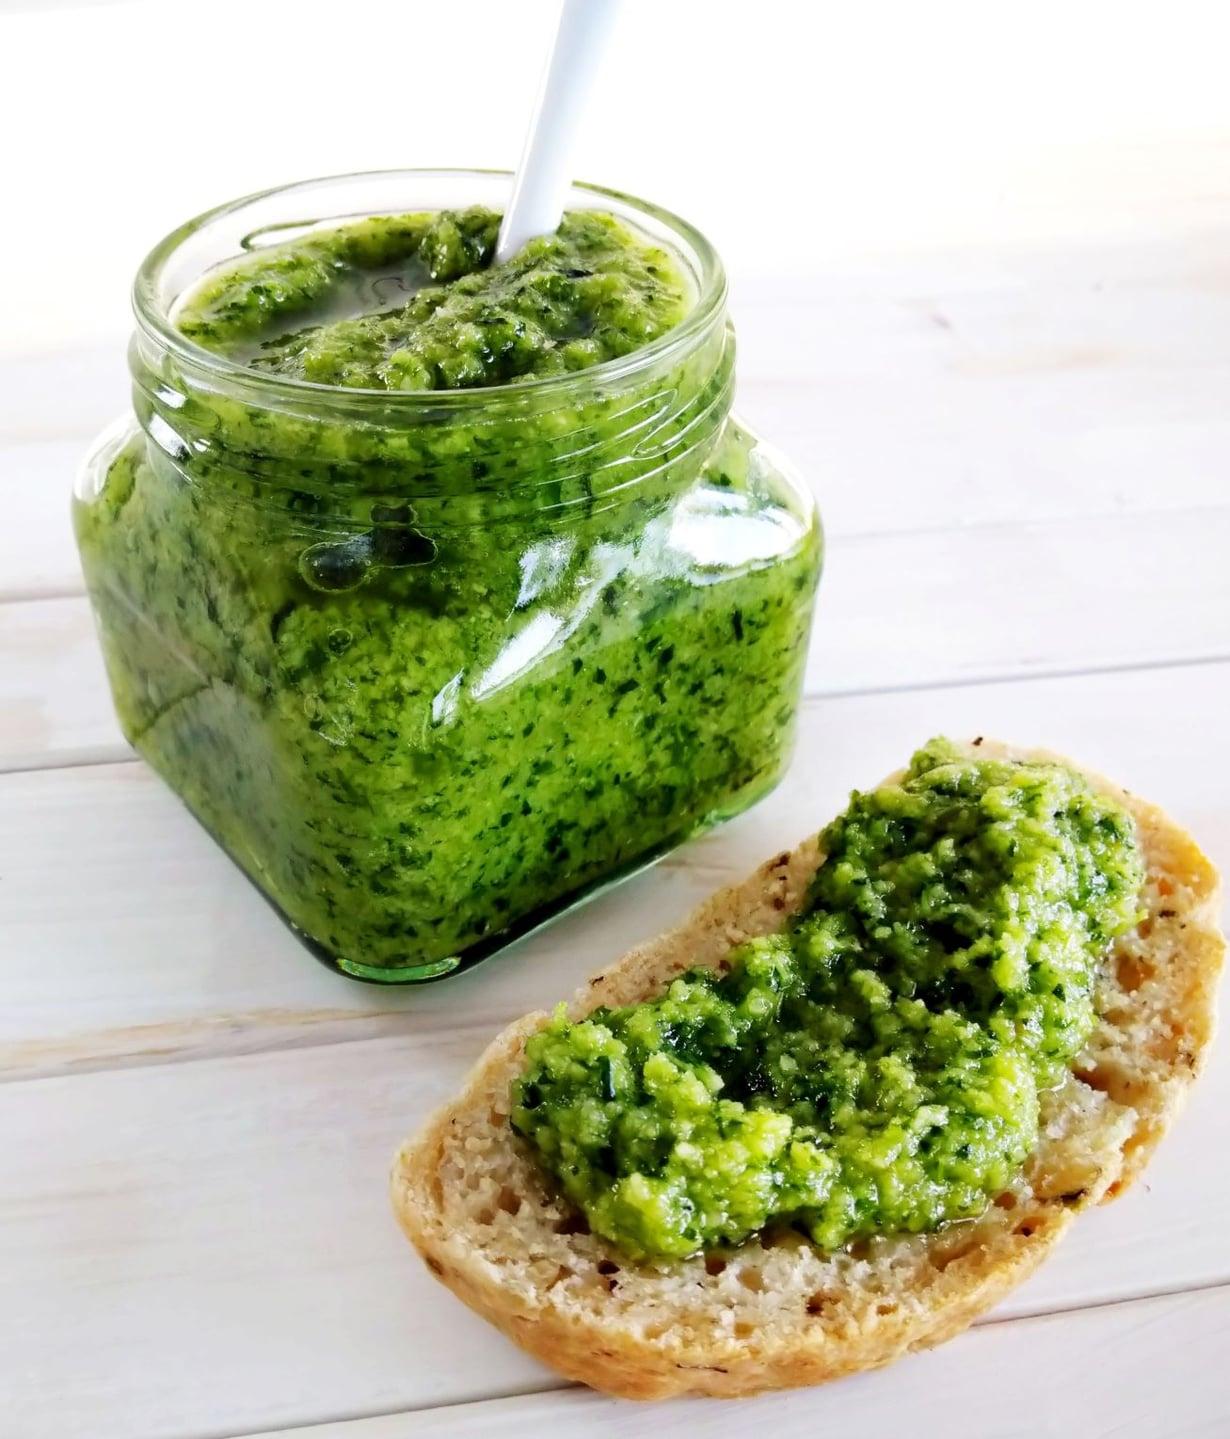 Vegaaninen pesto maistuu herkulliselta perinteiseen tapaan leivän päällä